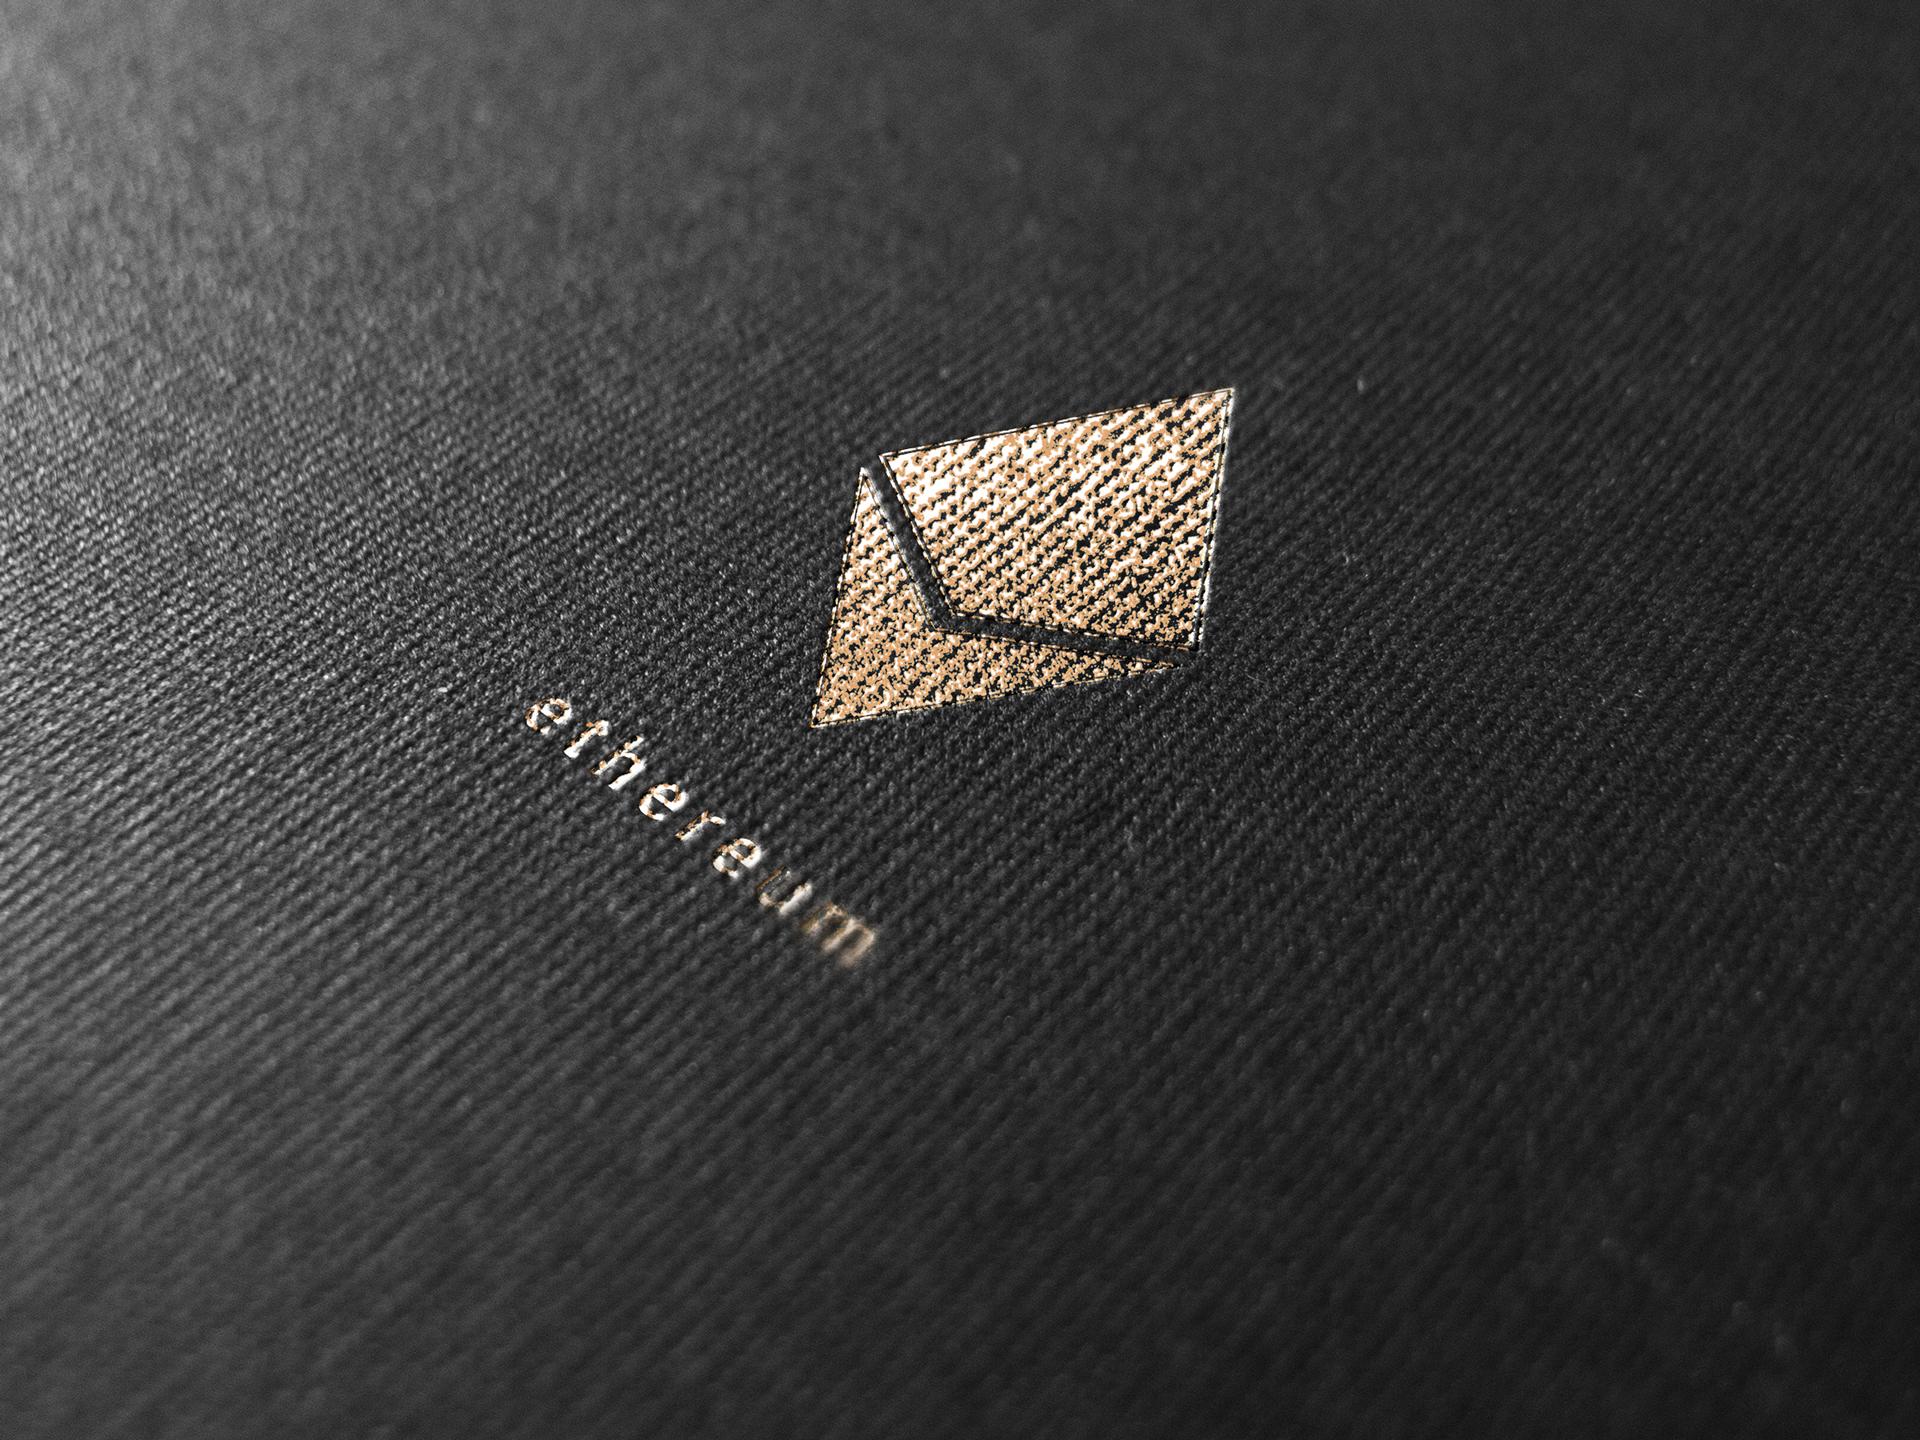 Enigma criptomoneda mercado pierde más $500,000 Los hackers de Raid